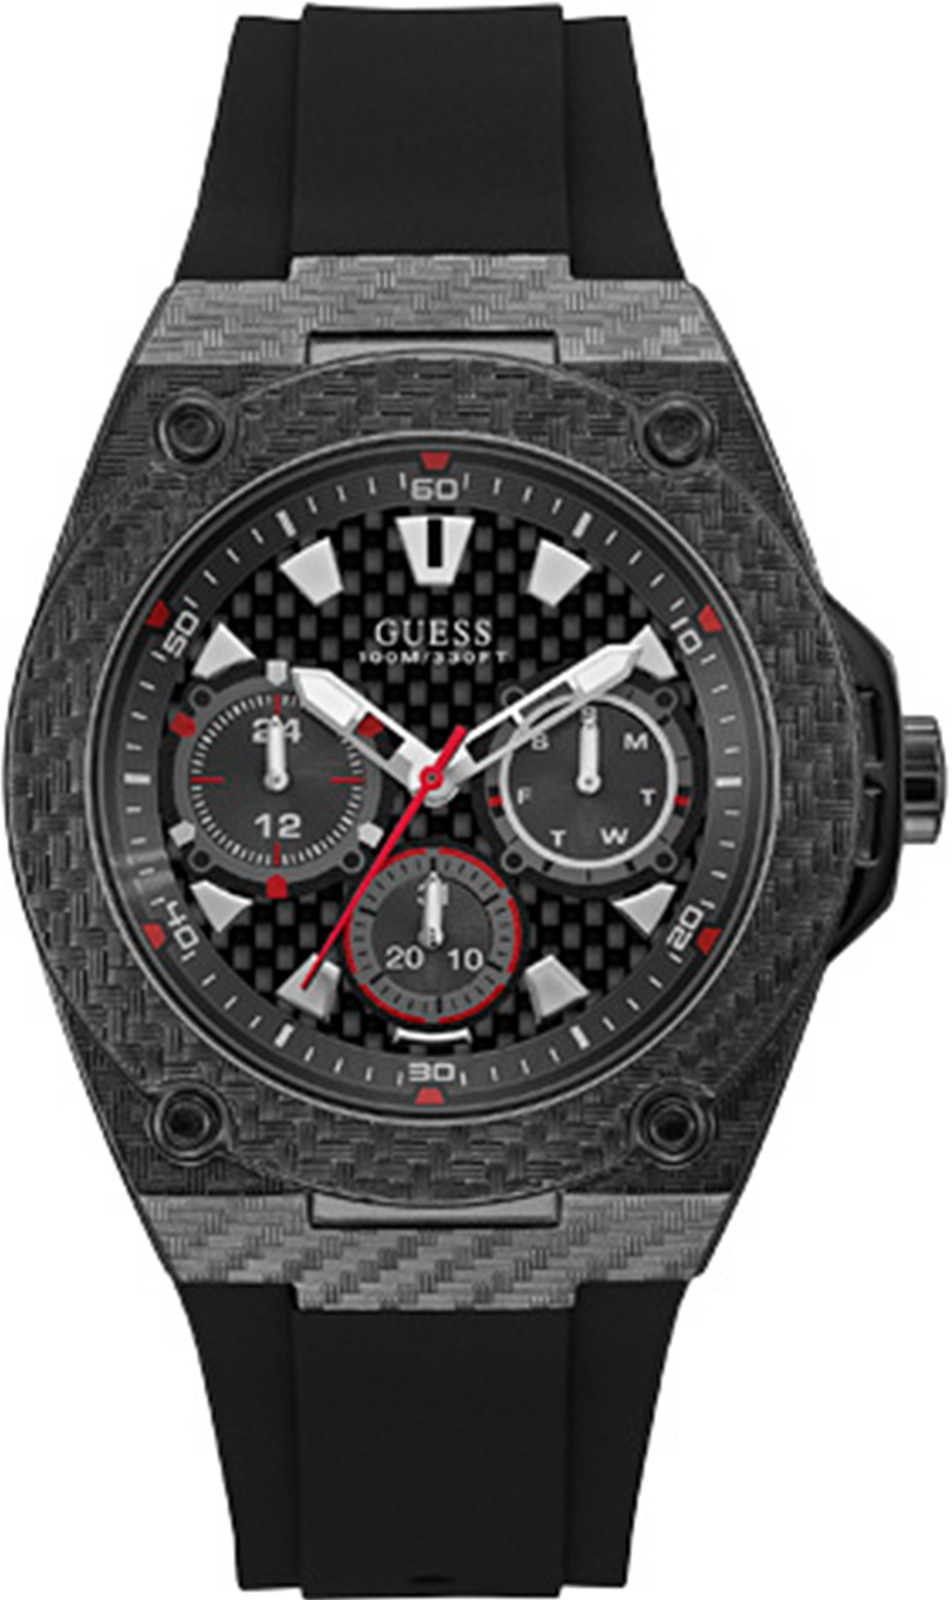 Часы Guess LEGACY, черный al 3602 agility pro с покрытием под карбон